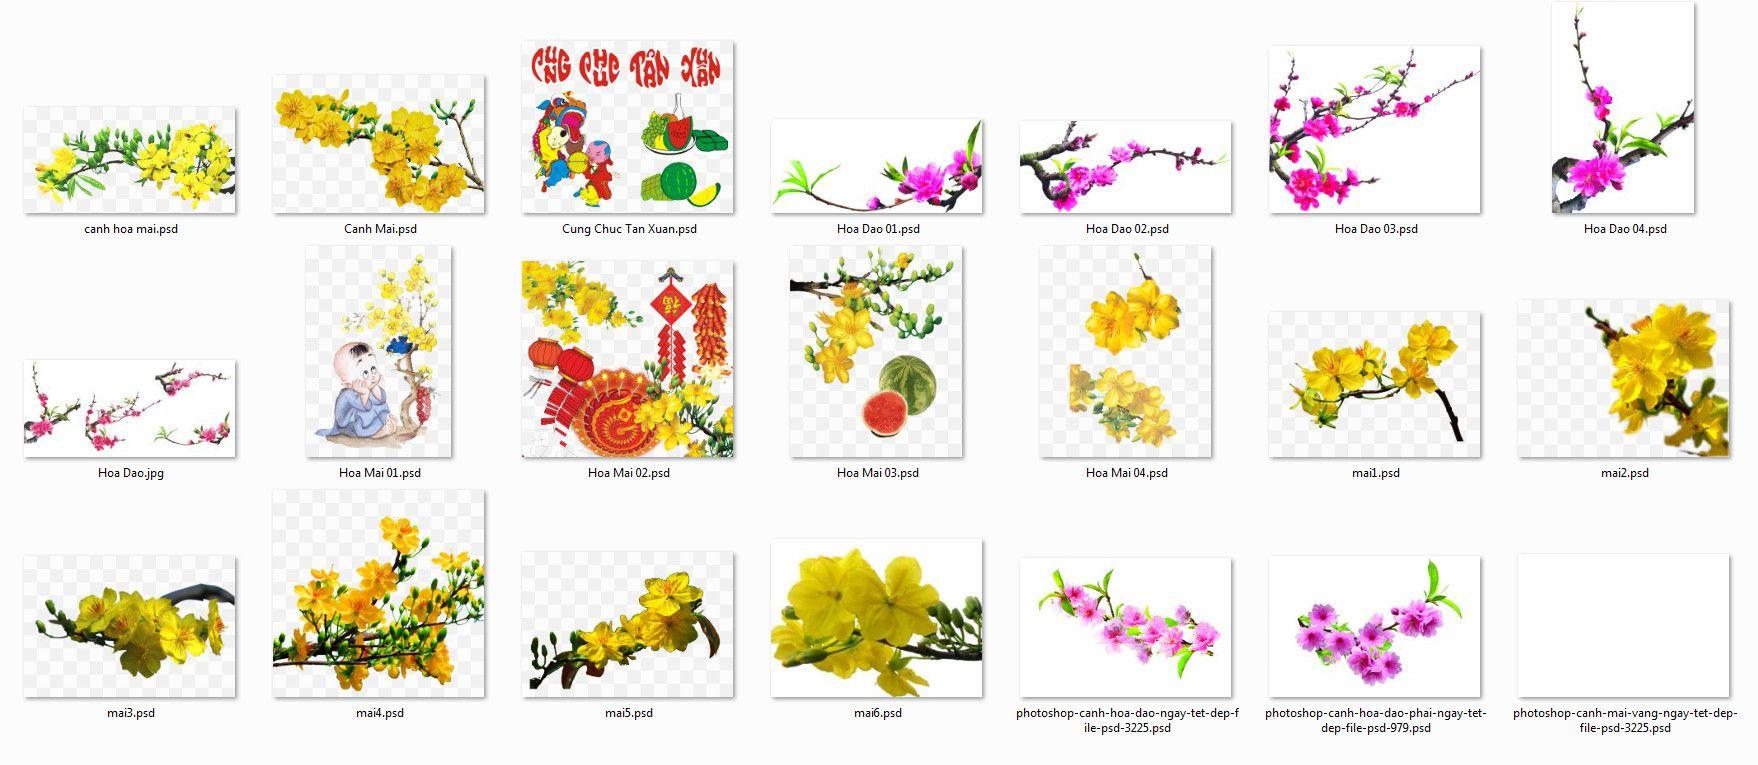 PSD Hoa đào, hoa mai tách nền dùng cho thiết kế TẾT